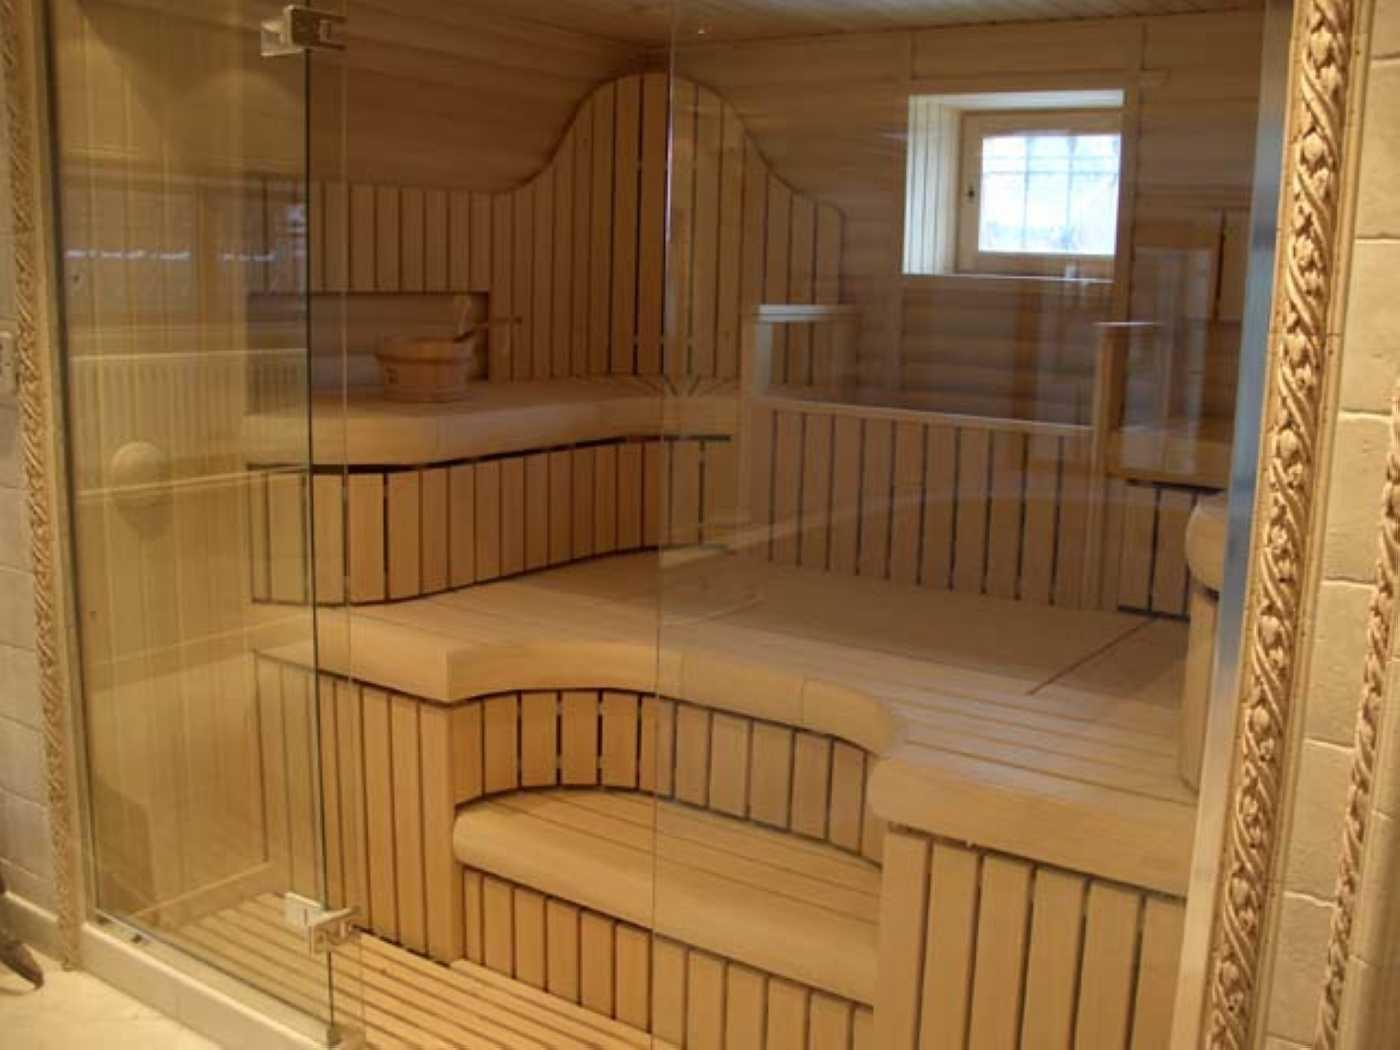 Оцениваем плюсы и минусы стеклянных дверей в парилку русской и финской бани, разбираемся как установить, какие размеры бывают и что говорят отзывы